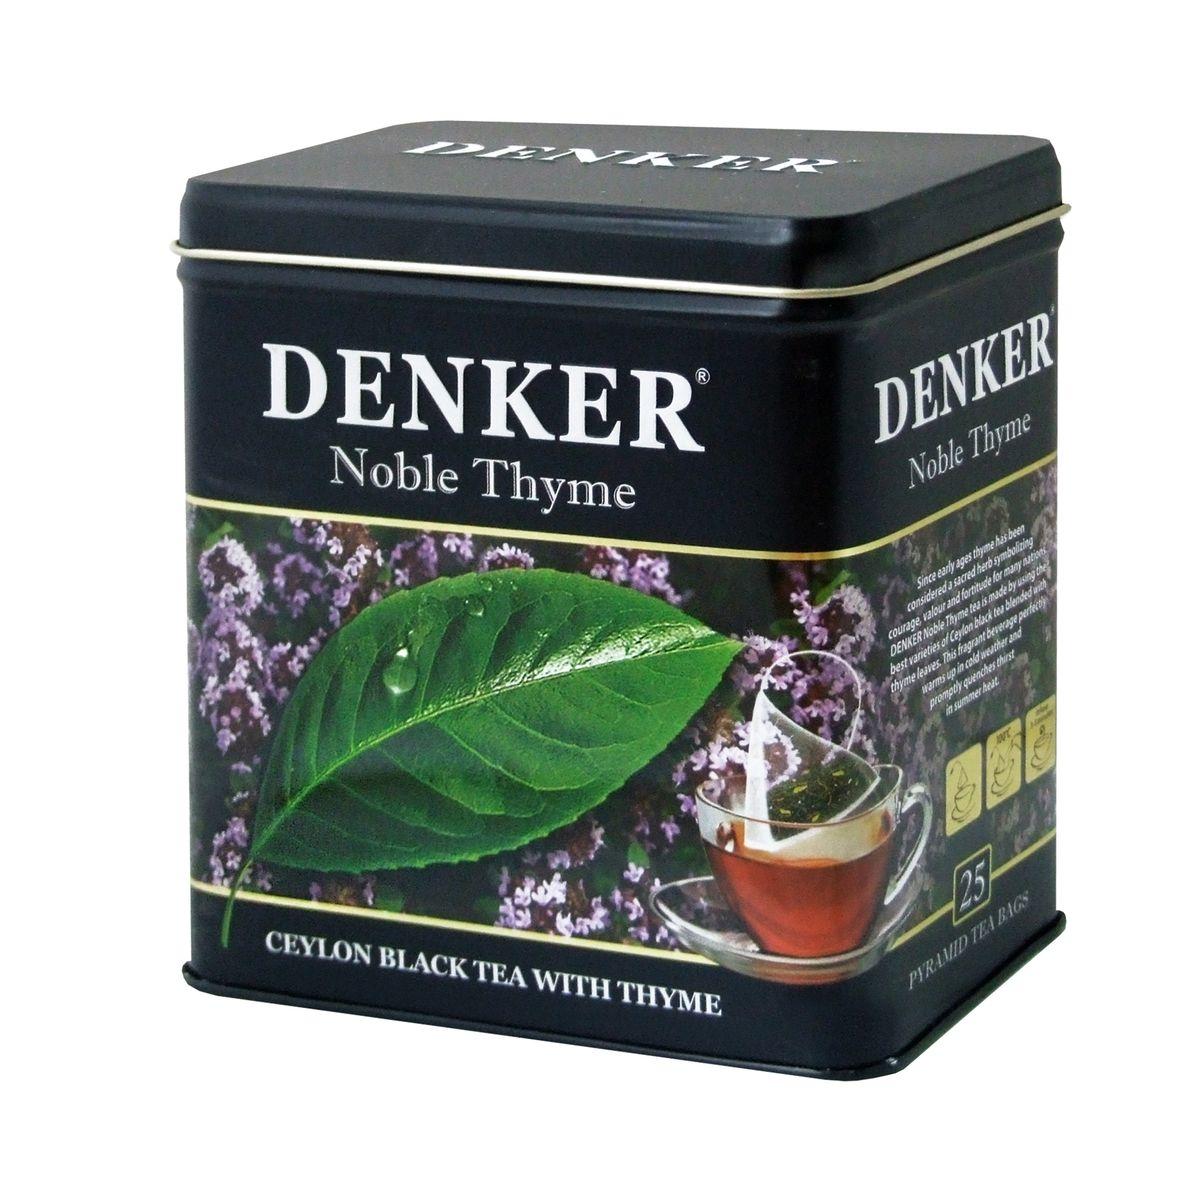 Denker Noble Thyme черный чай в пирамидках, 25 шт1080019Чабрец, хорошо известный также под названием тимьян, с древности почитался как божественная трава и у многих народов с древних пор был символом отваги, мужества и силы духа. Чай Denker Noble Thyme производится из лучших сортов черного цейлонского чая с добавлением листьев чабреца. Этот ароматный напиток отлично согревает в ненастную погоду и быстро утоляет жажду в летний зной.